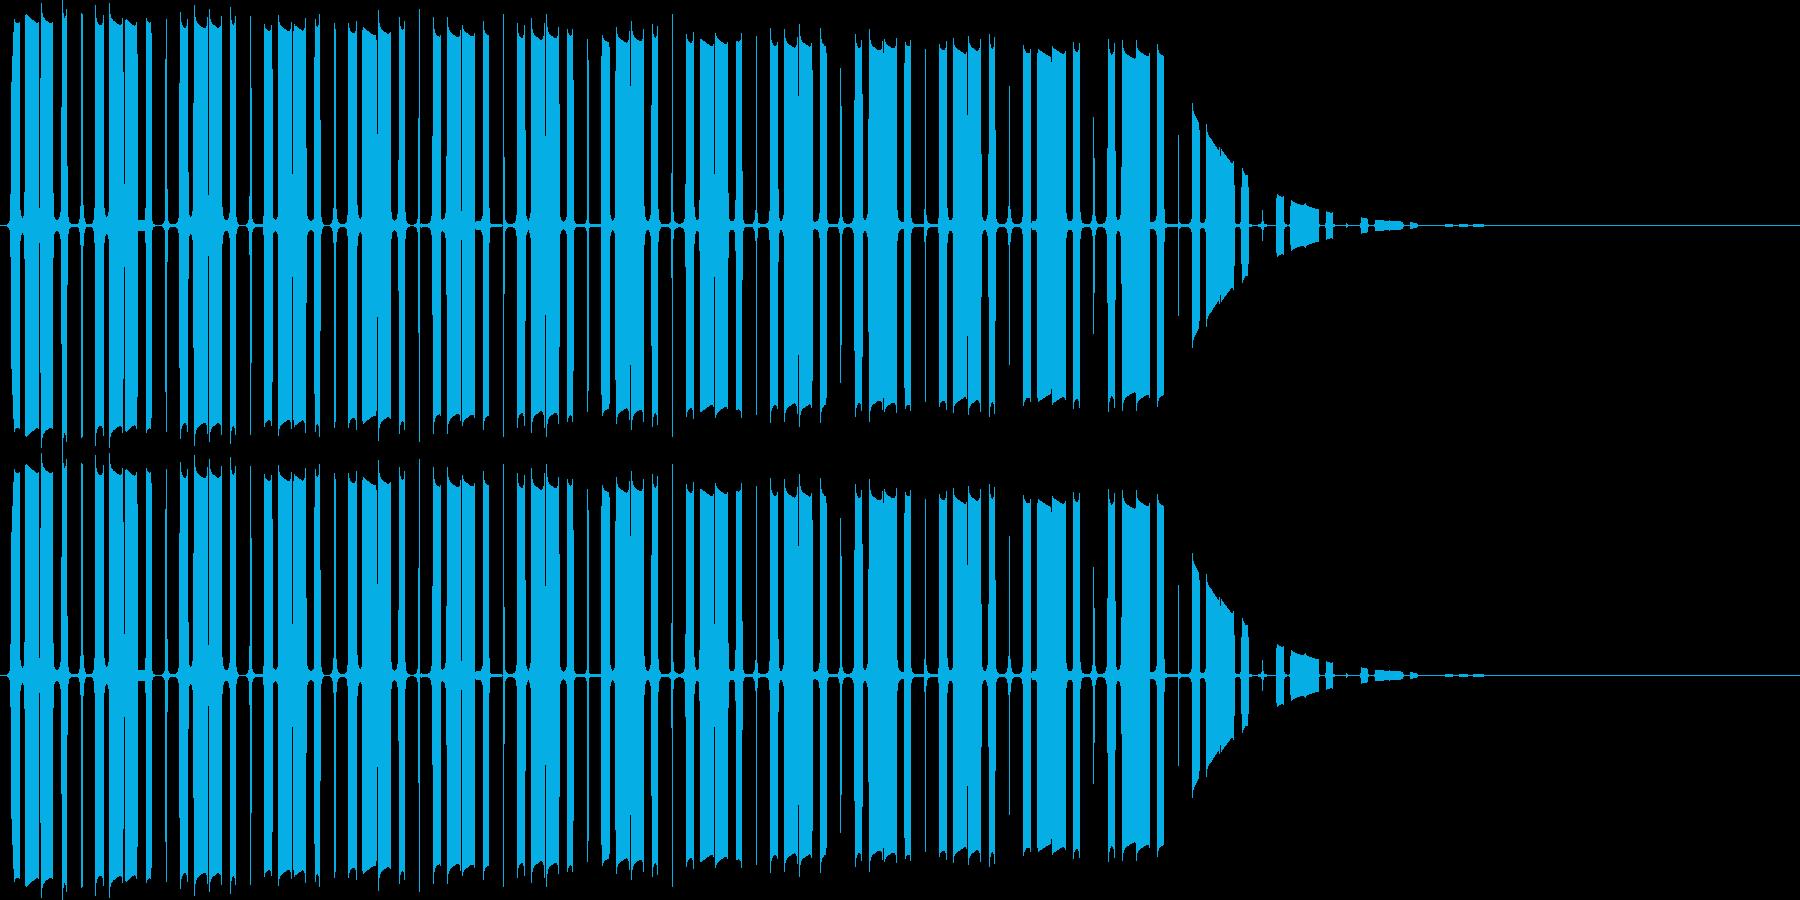 カーソル移動(ピ)の再生済みの波形